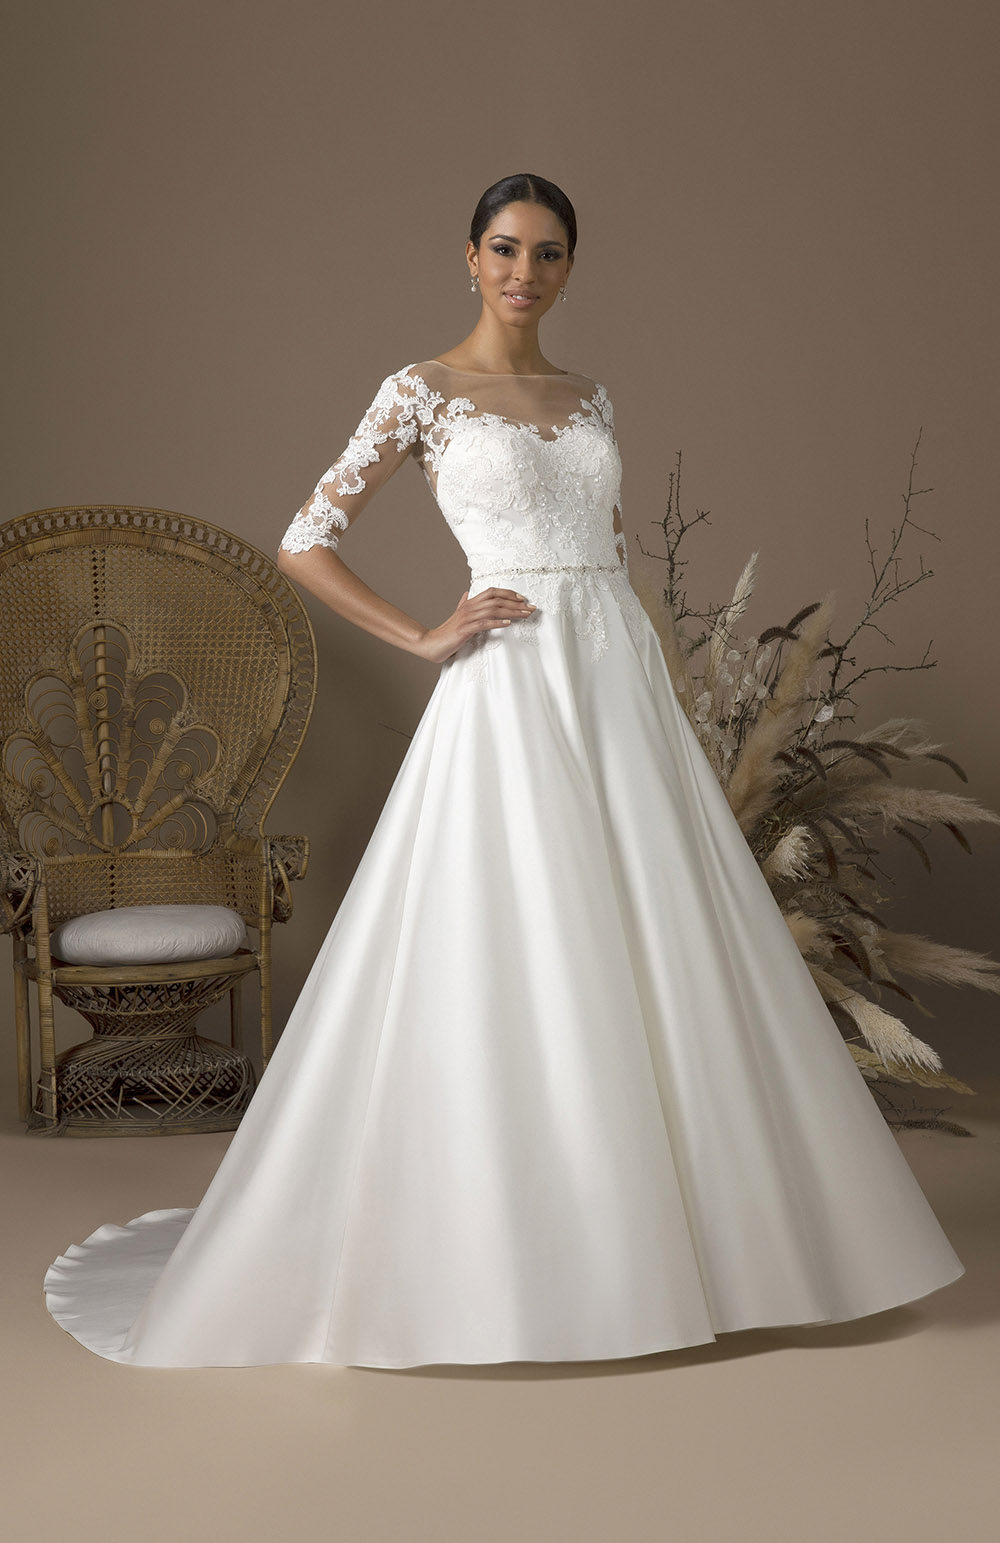 Robe de mariée Modèle Daisy